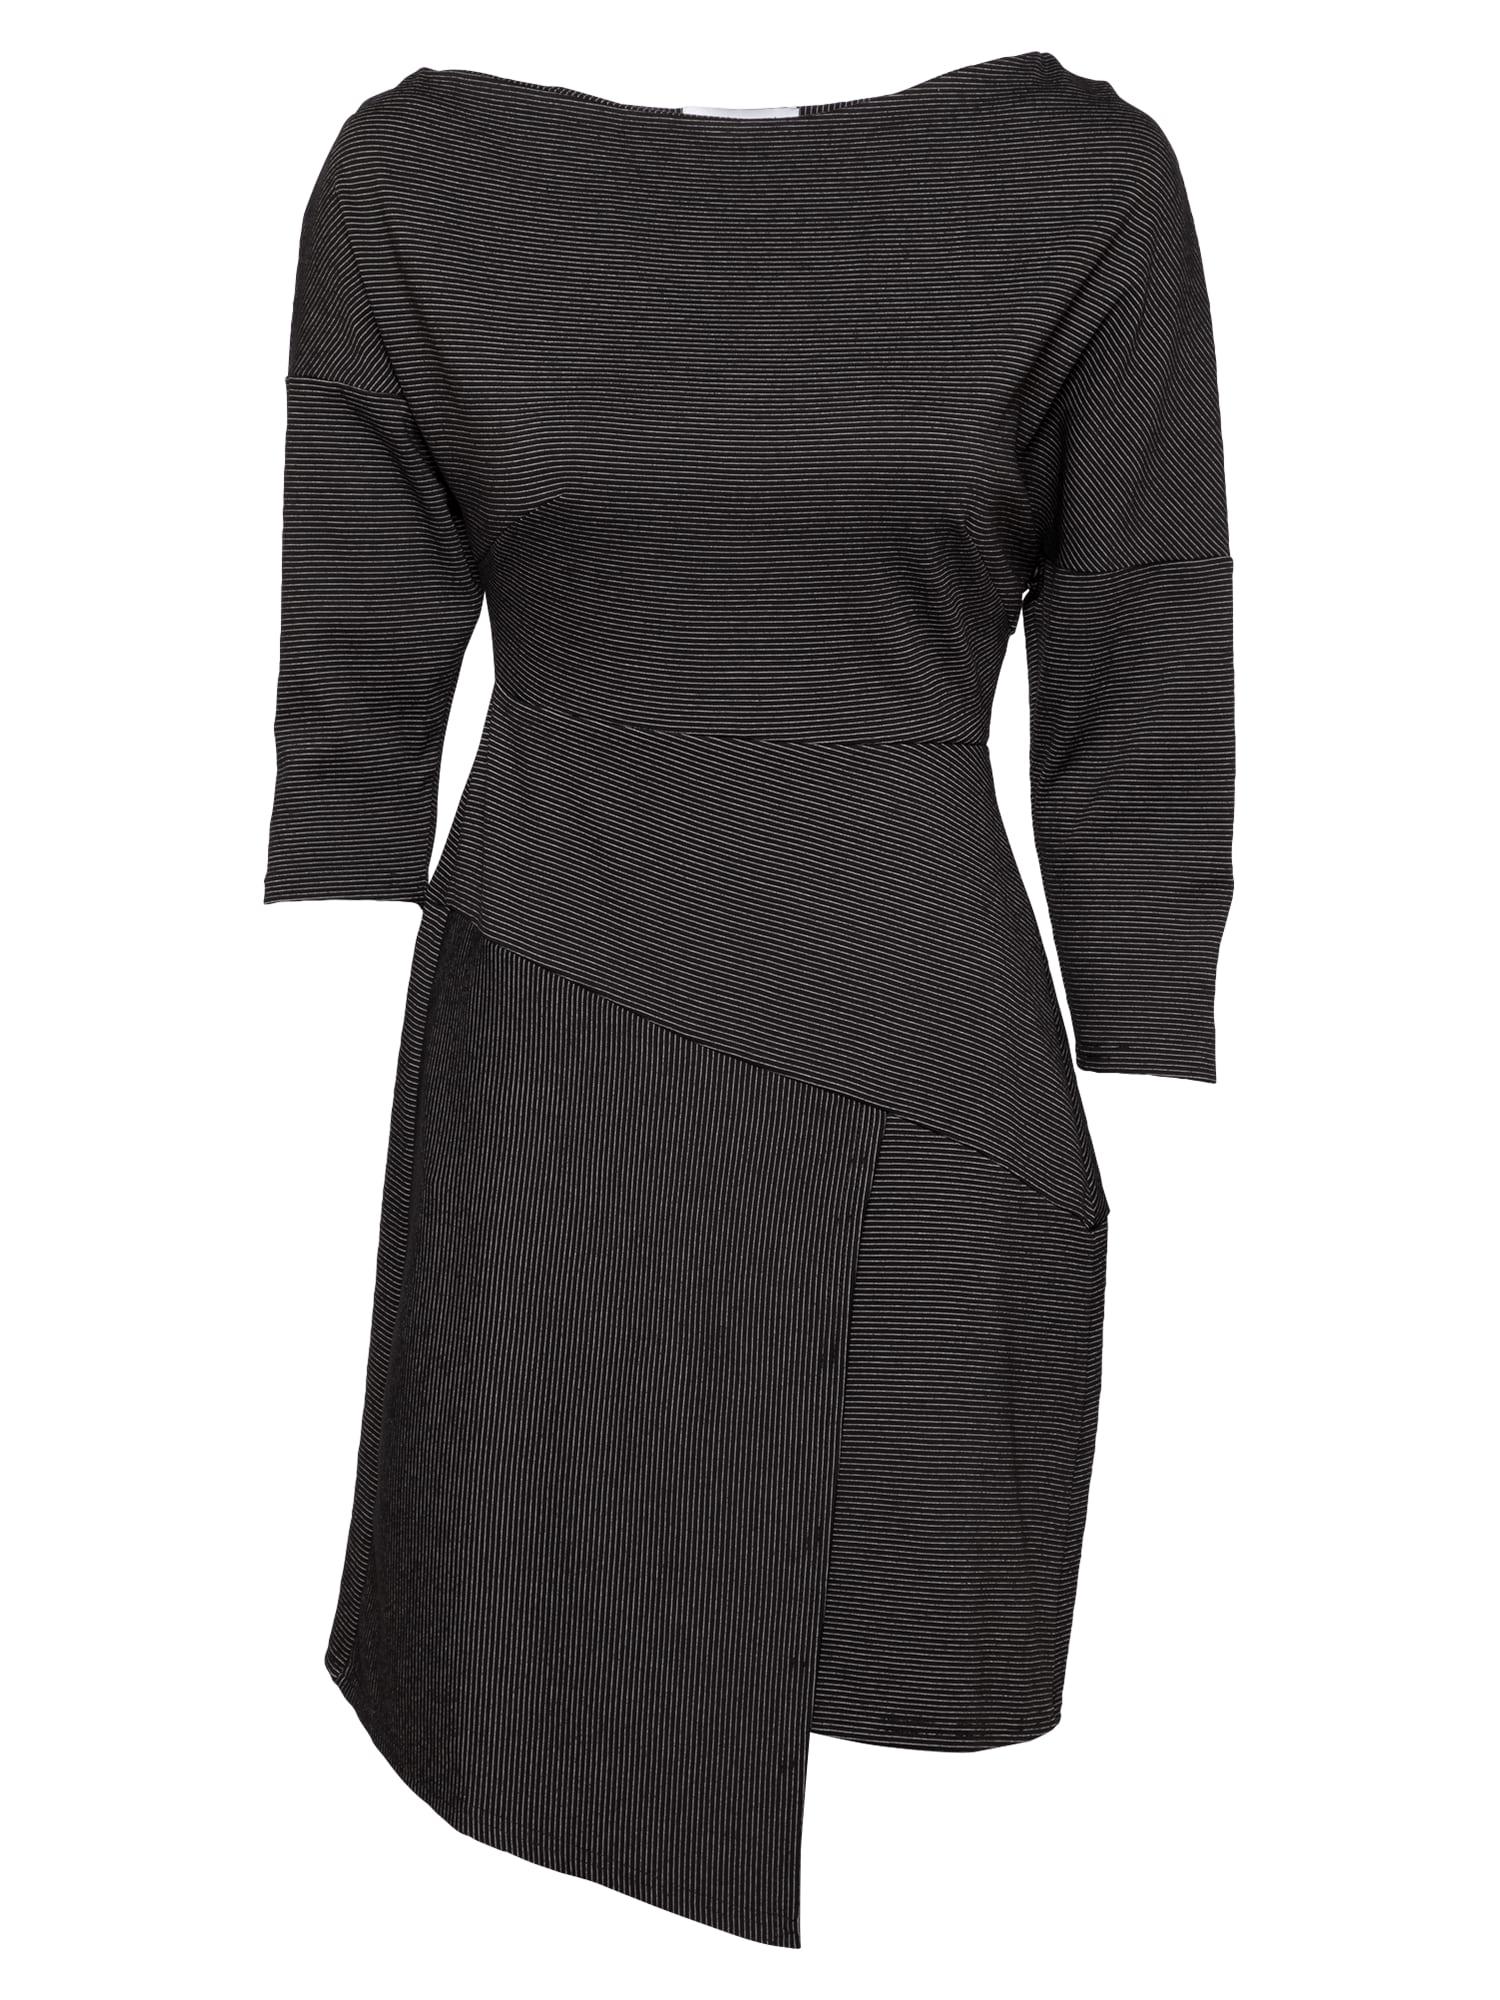 Closet London Suknelė juoda / margai pilka